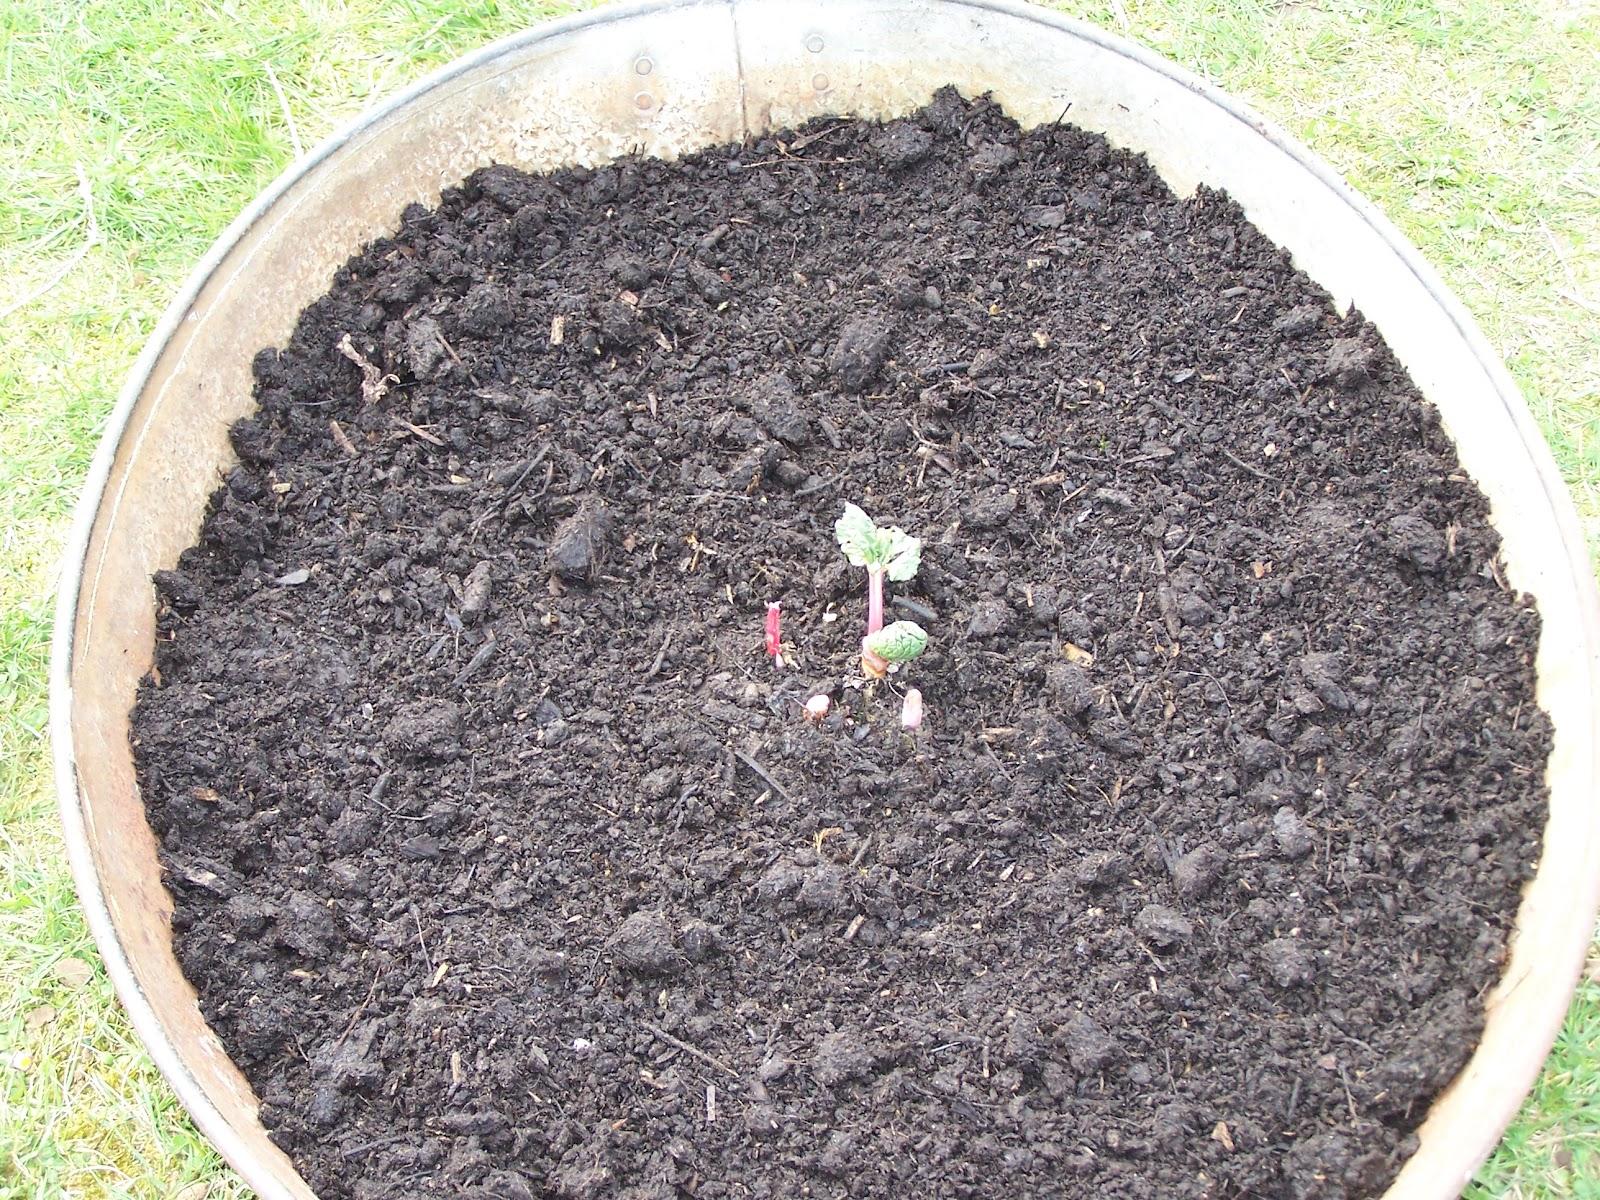 Comment planter de la rhubarbe dans une bassine en zinc